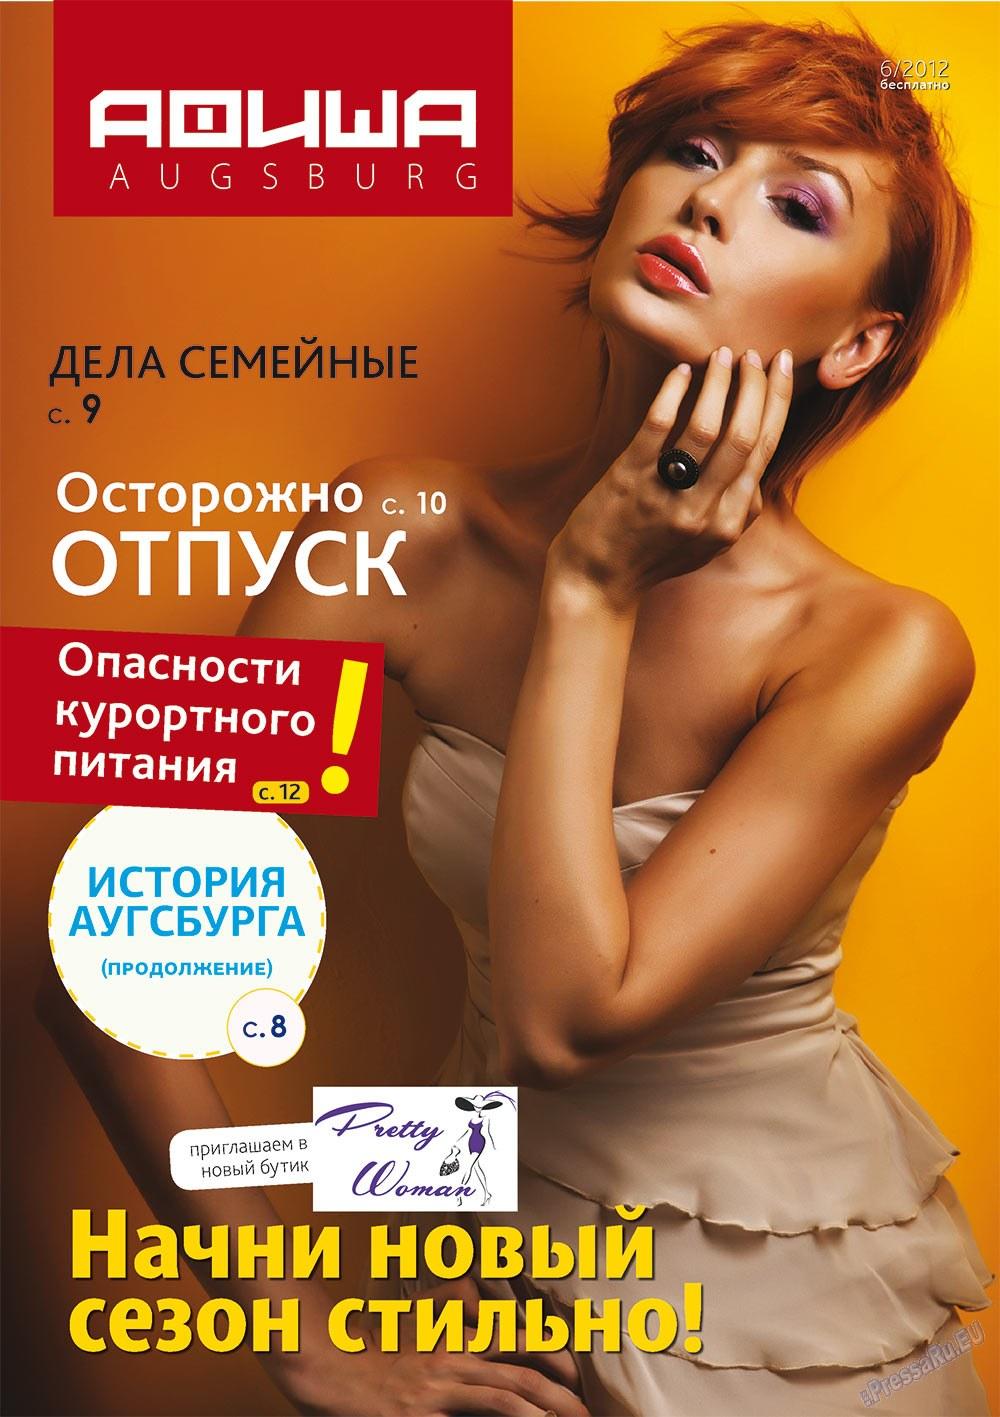 Афиша Augsburg (журнал). 2012 год, номер 6, стр. 1